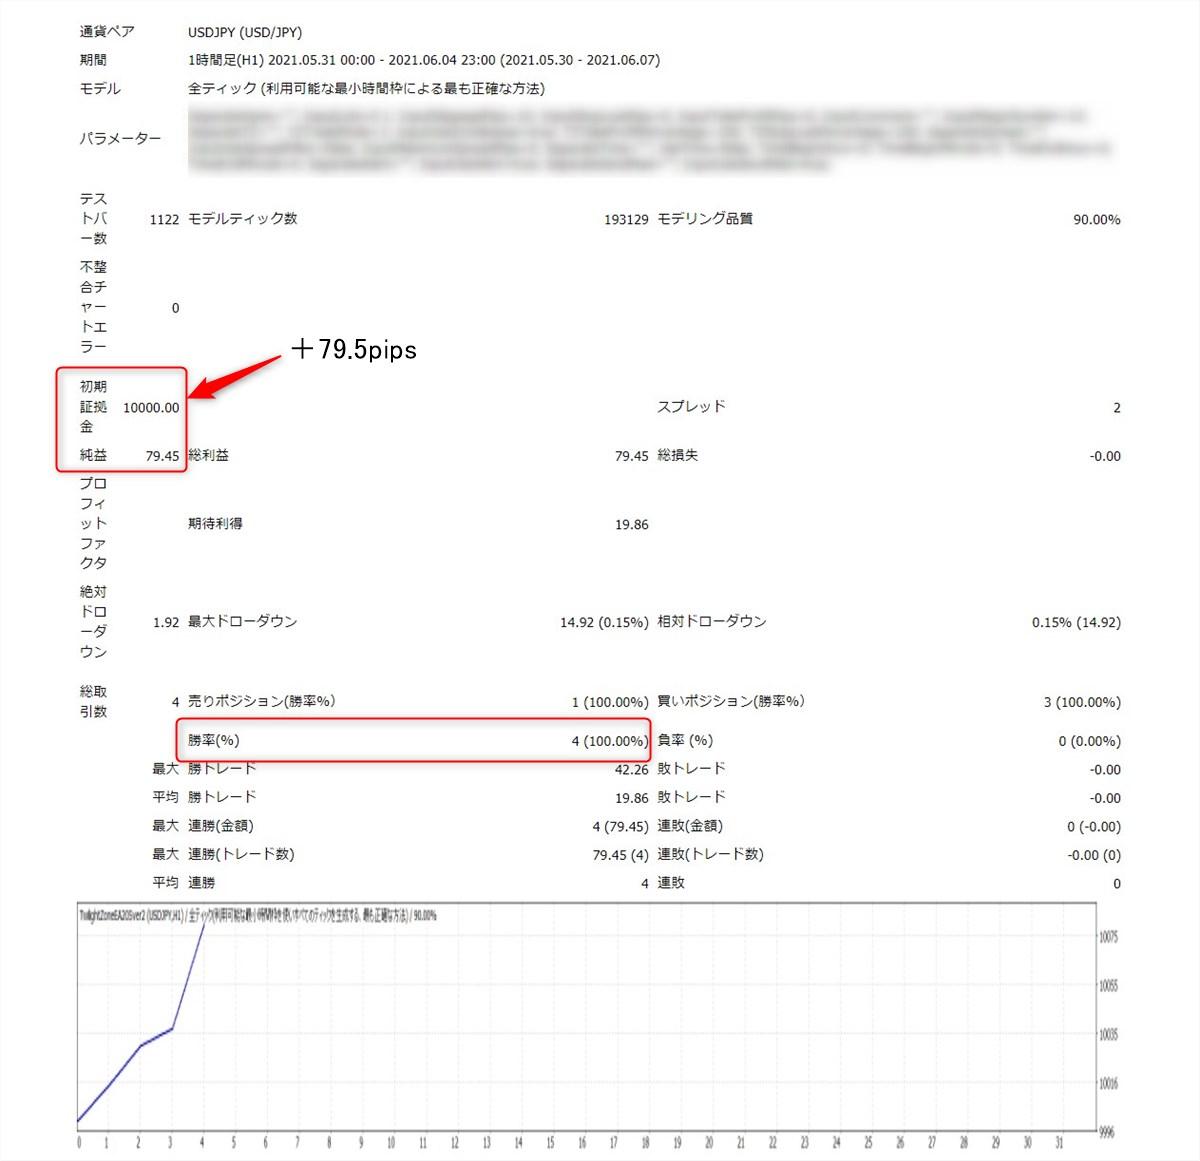 トワイライトゾーンのEA:バックテスト結果(5/31 - 6/4)